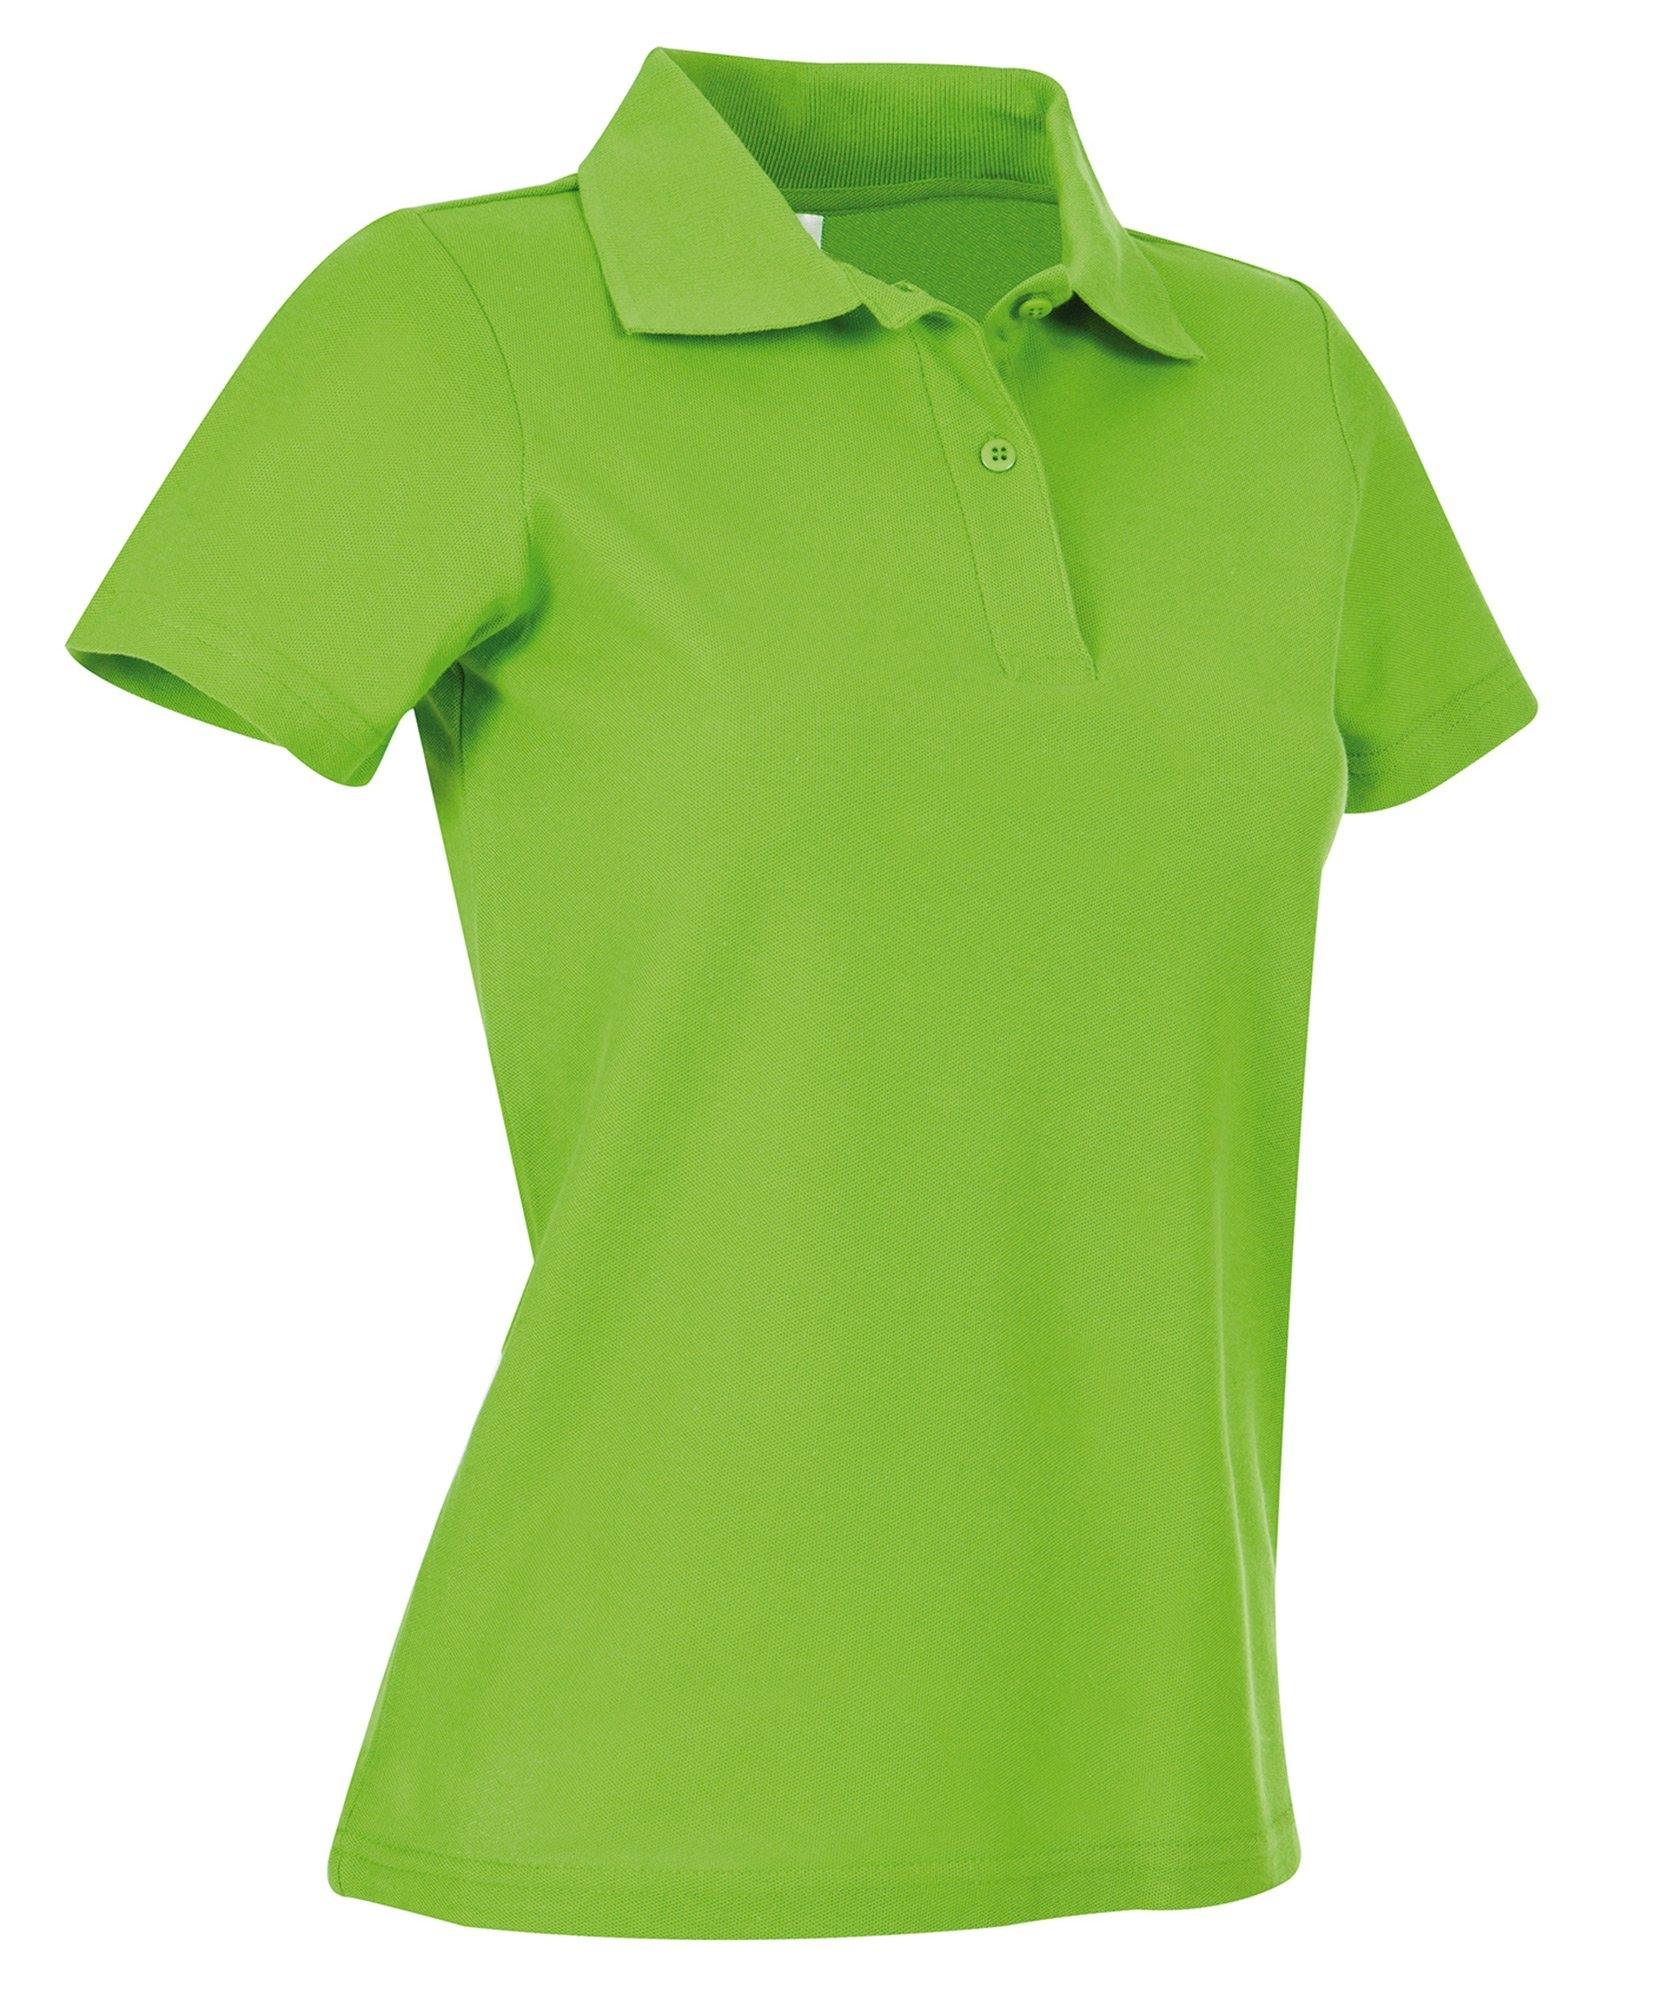 Verkrijgbaar Stedman Online Stedman Online Verkrijgbaar Stedman Poloshirt Poloshirt rshdtQ